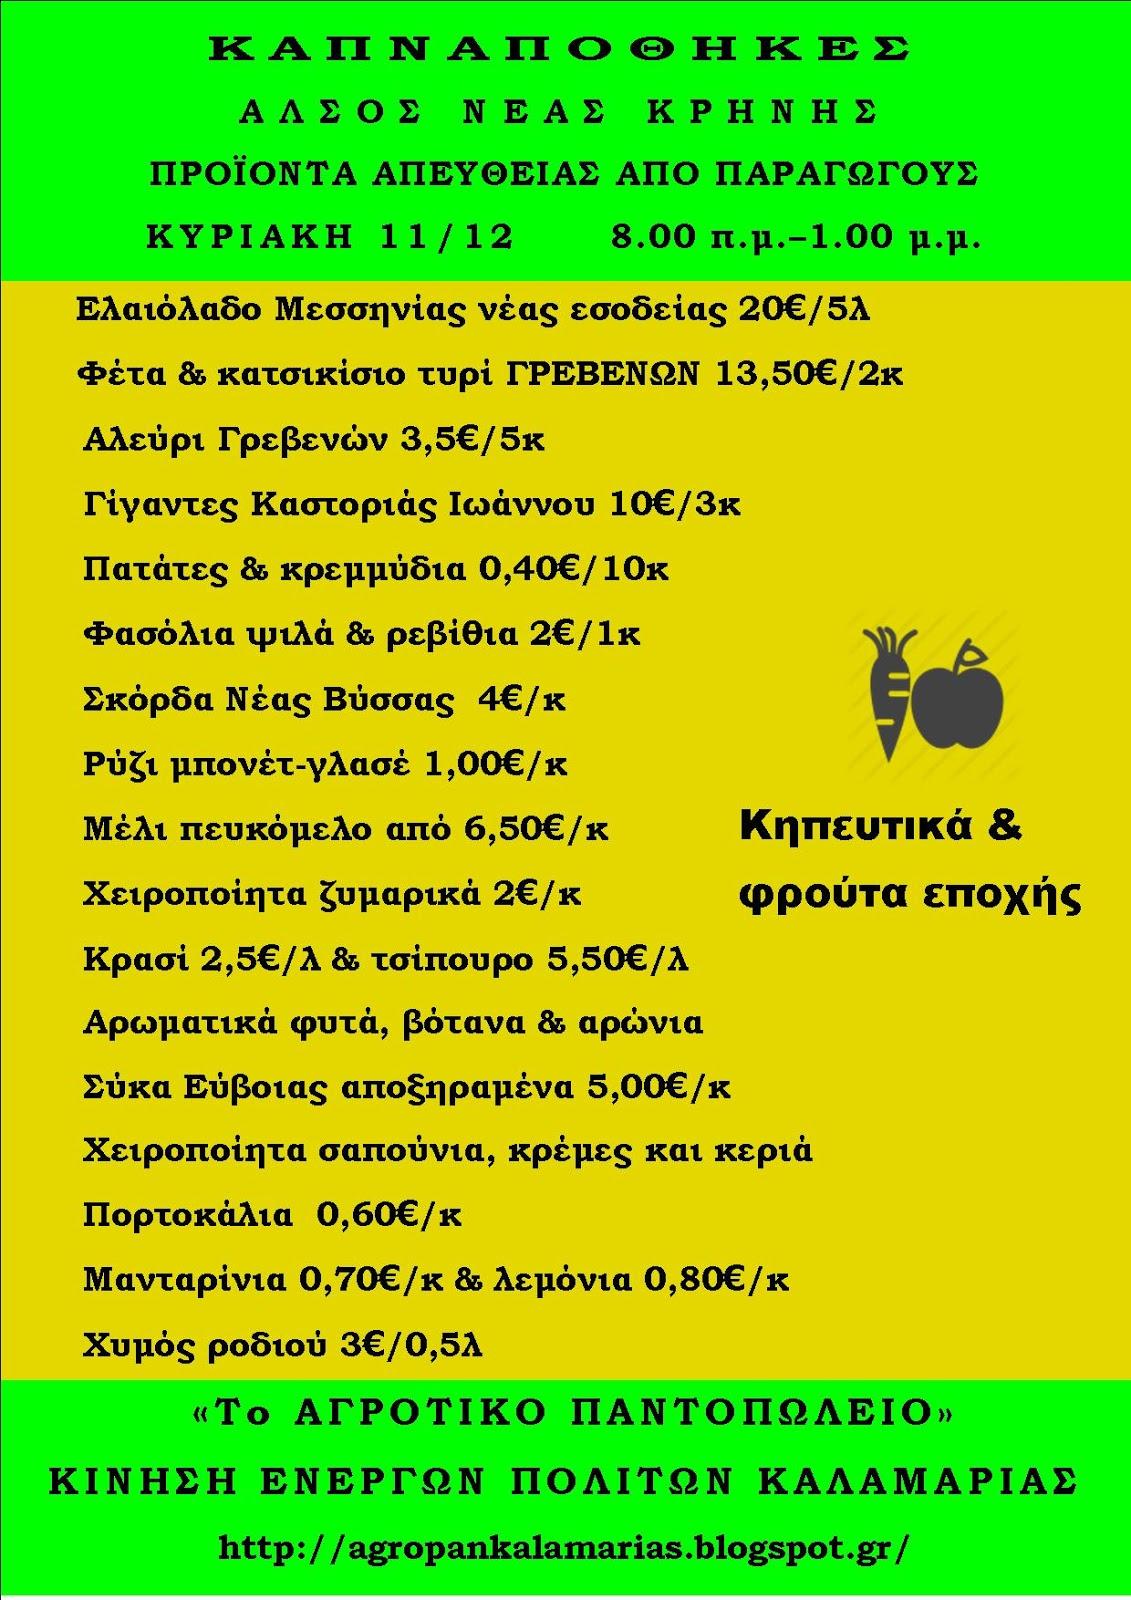 ba44e0203e3 Αγροτικό παντοπωλείο Συν.π.ε